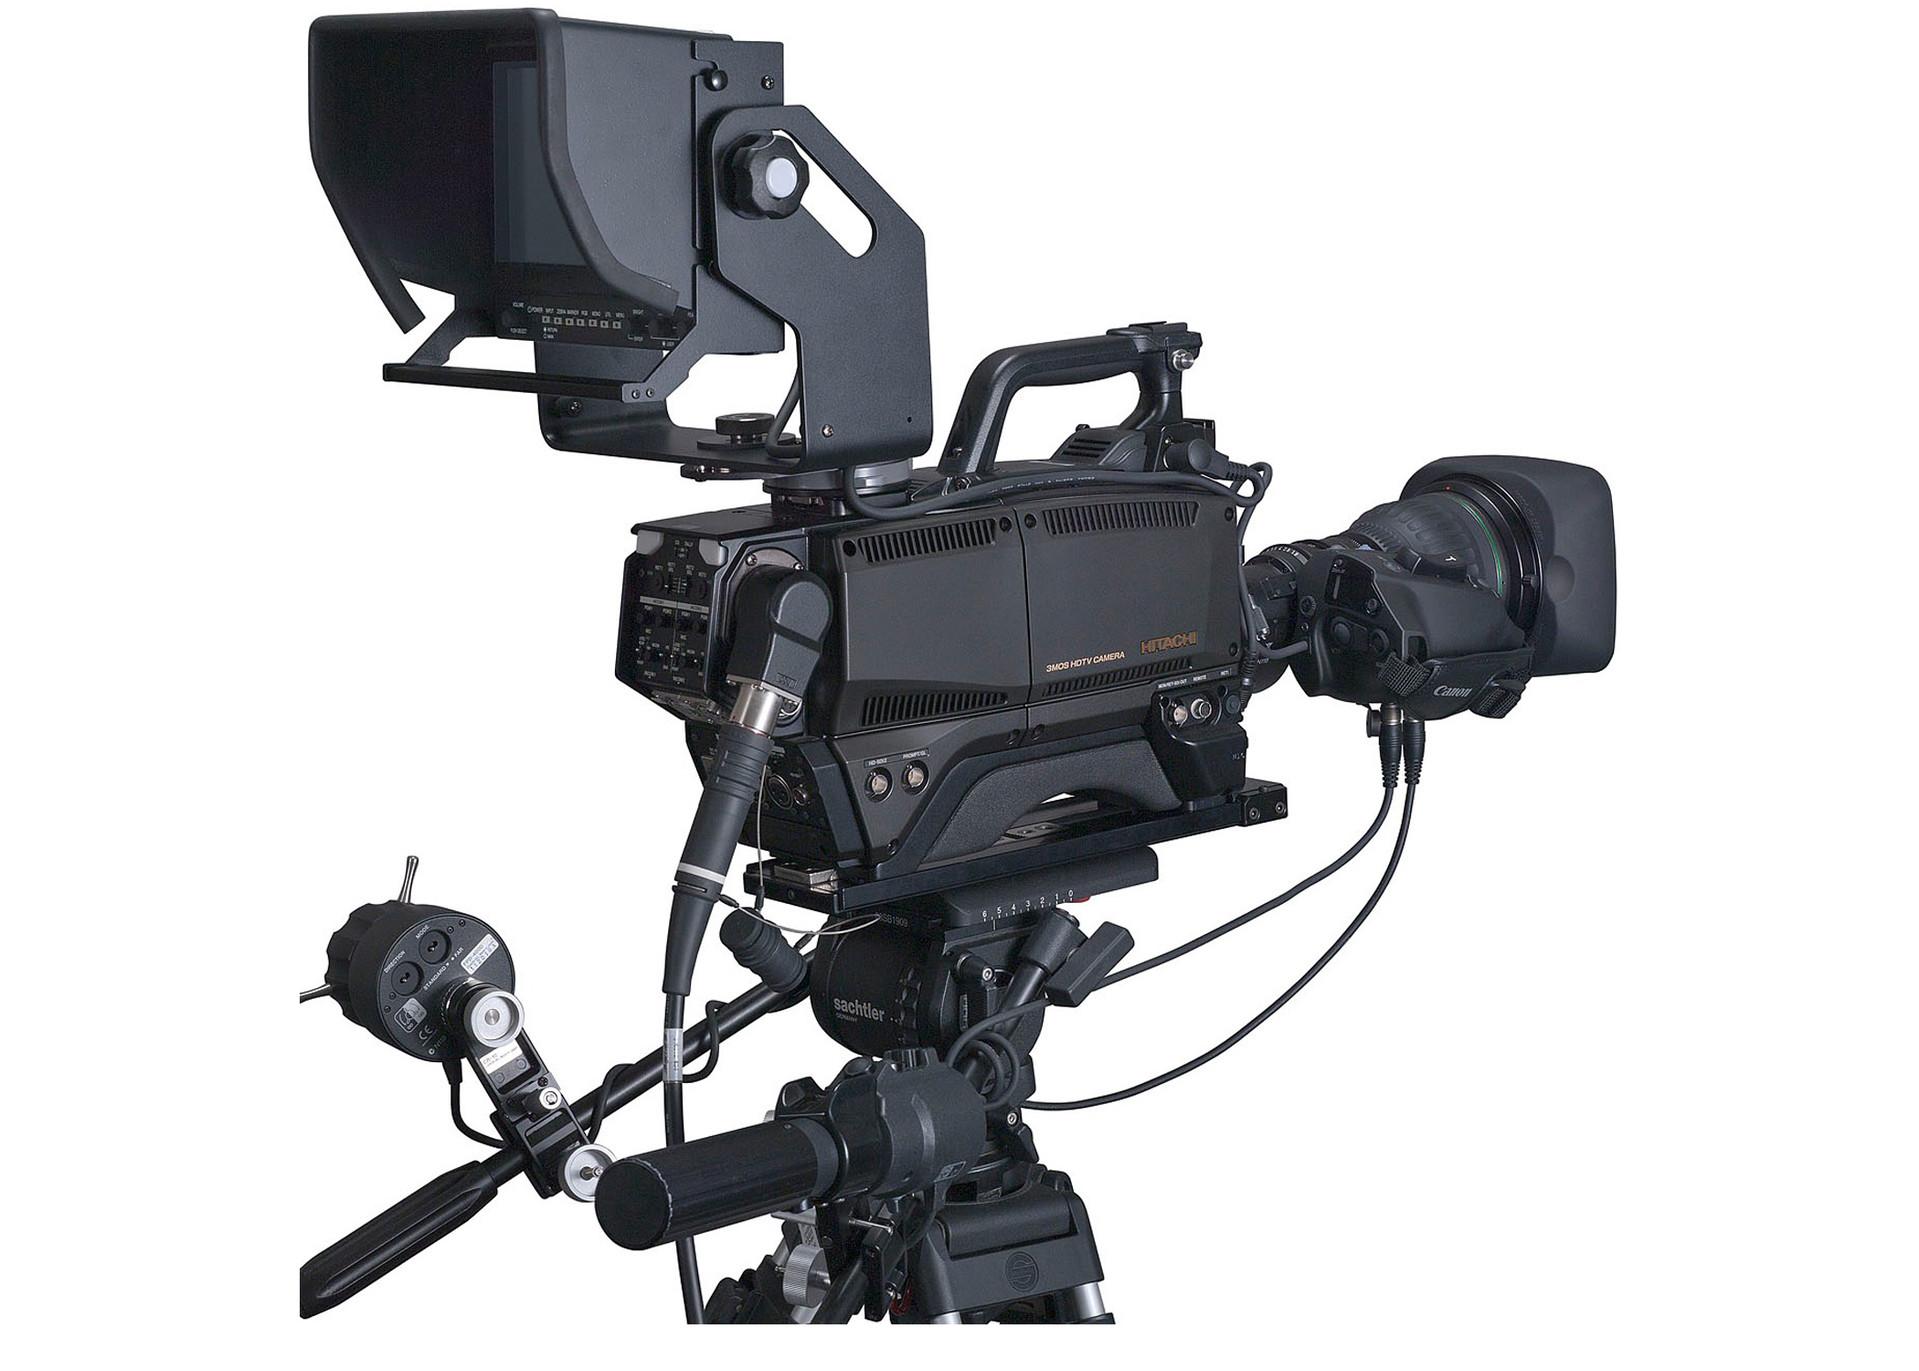 완전 디지털 HDTV 프로덕션 카메라, Z-HD6000